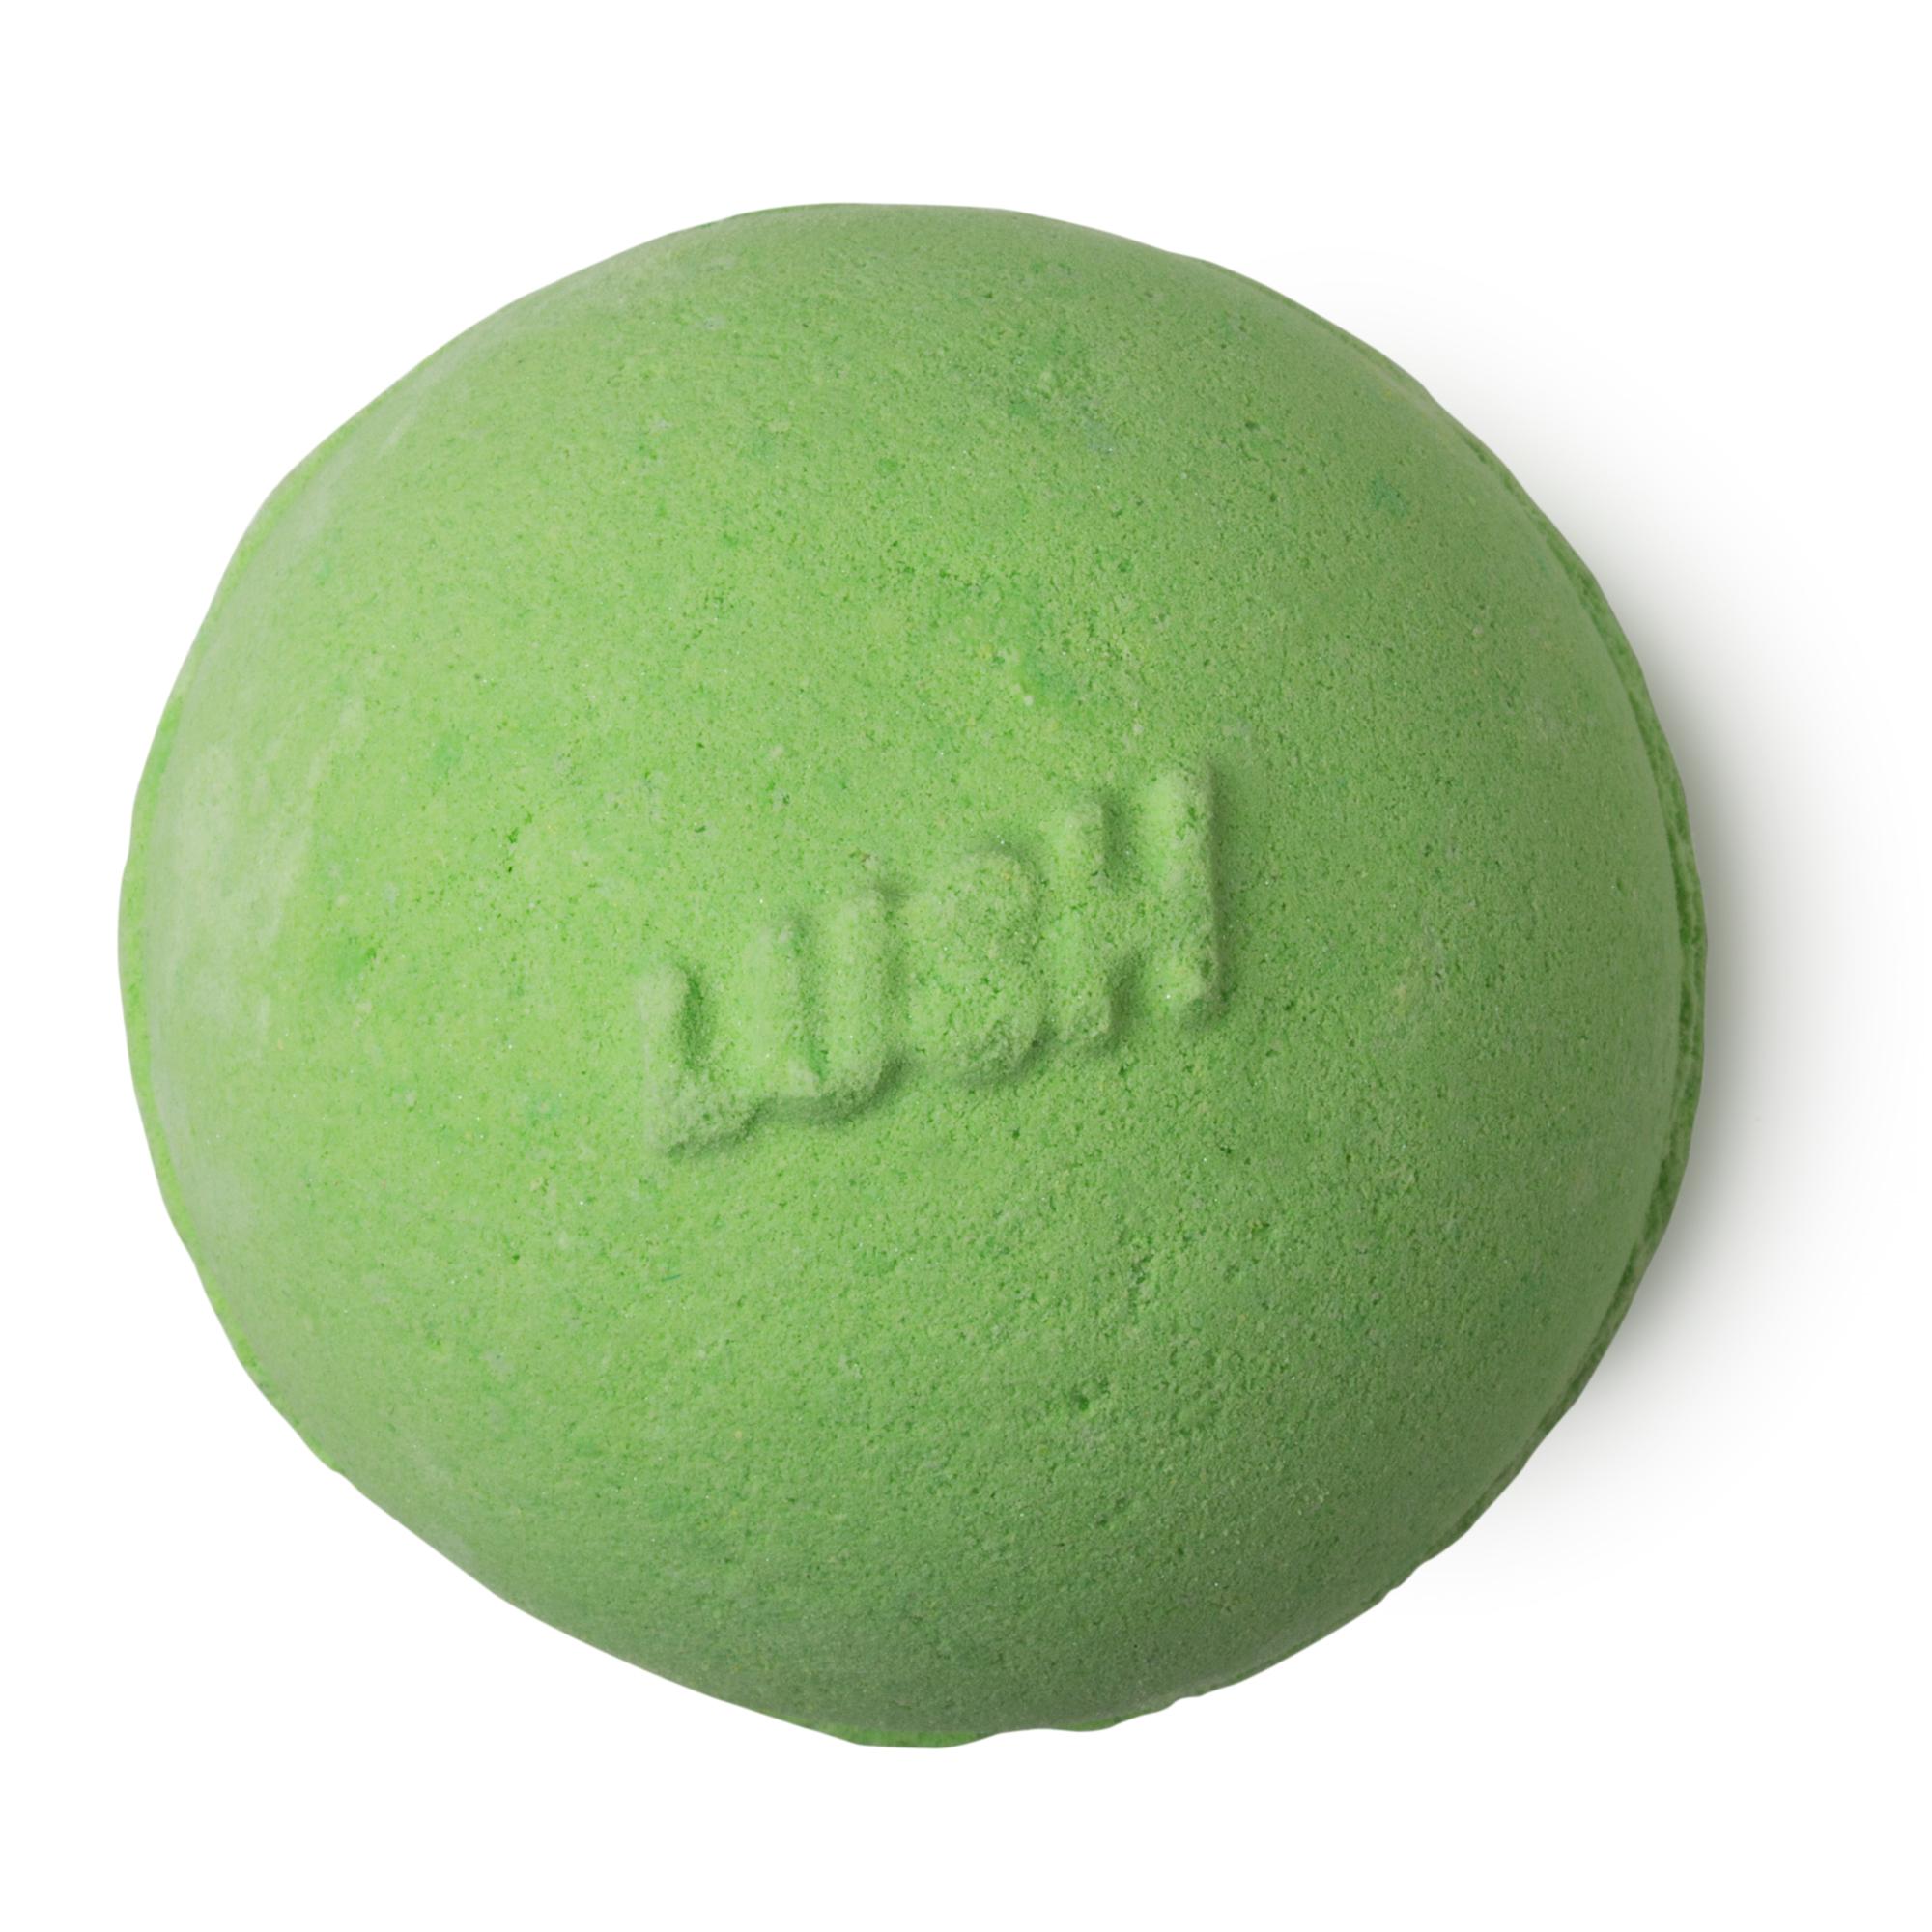 Avobath bombas de ba o lush espa a for Bombas de bano de lush